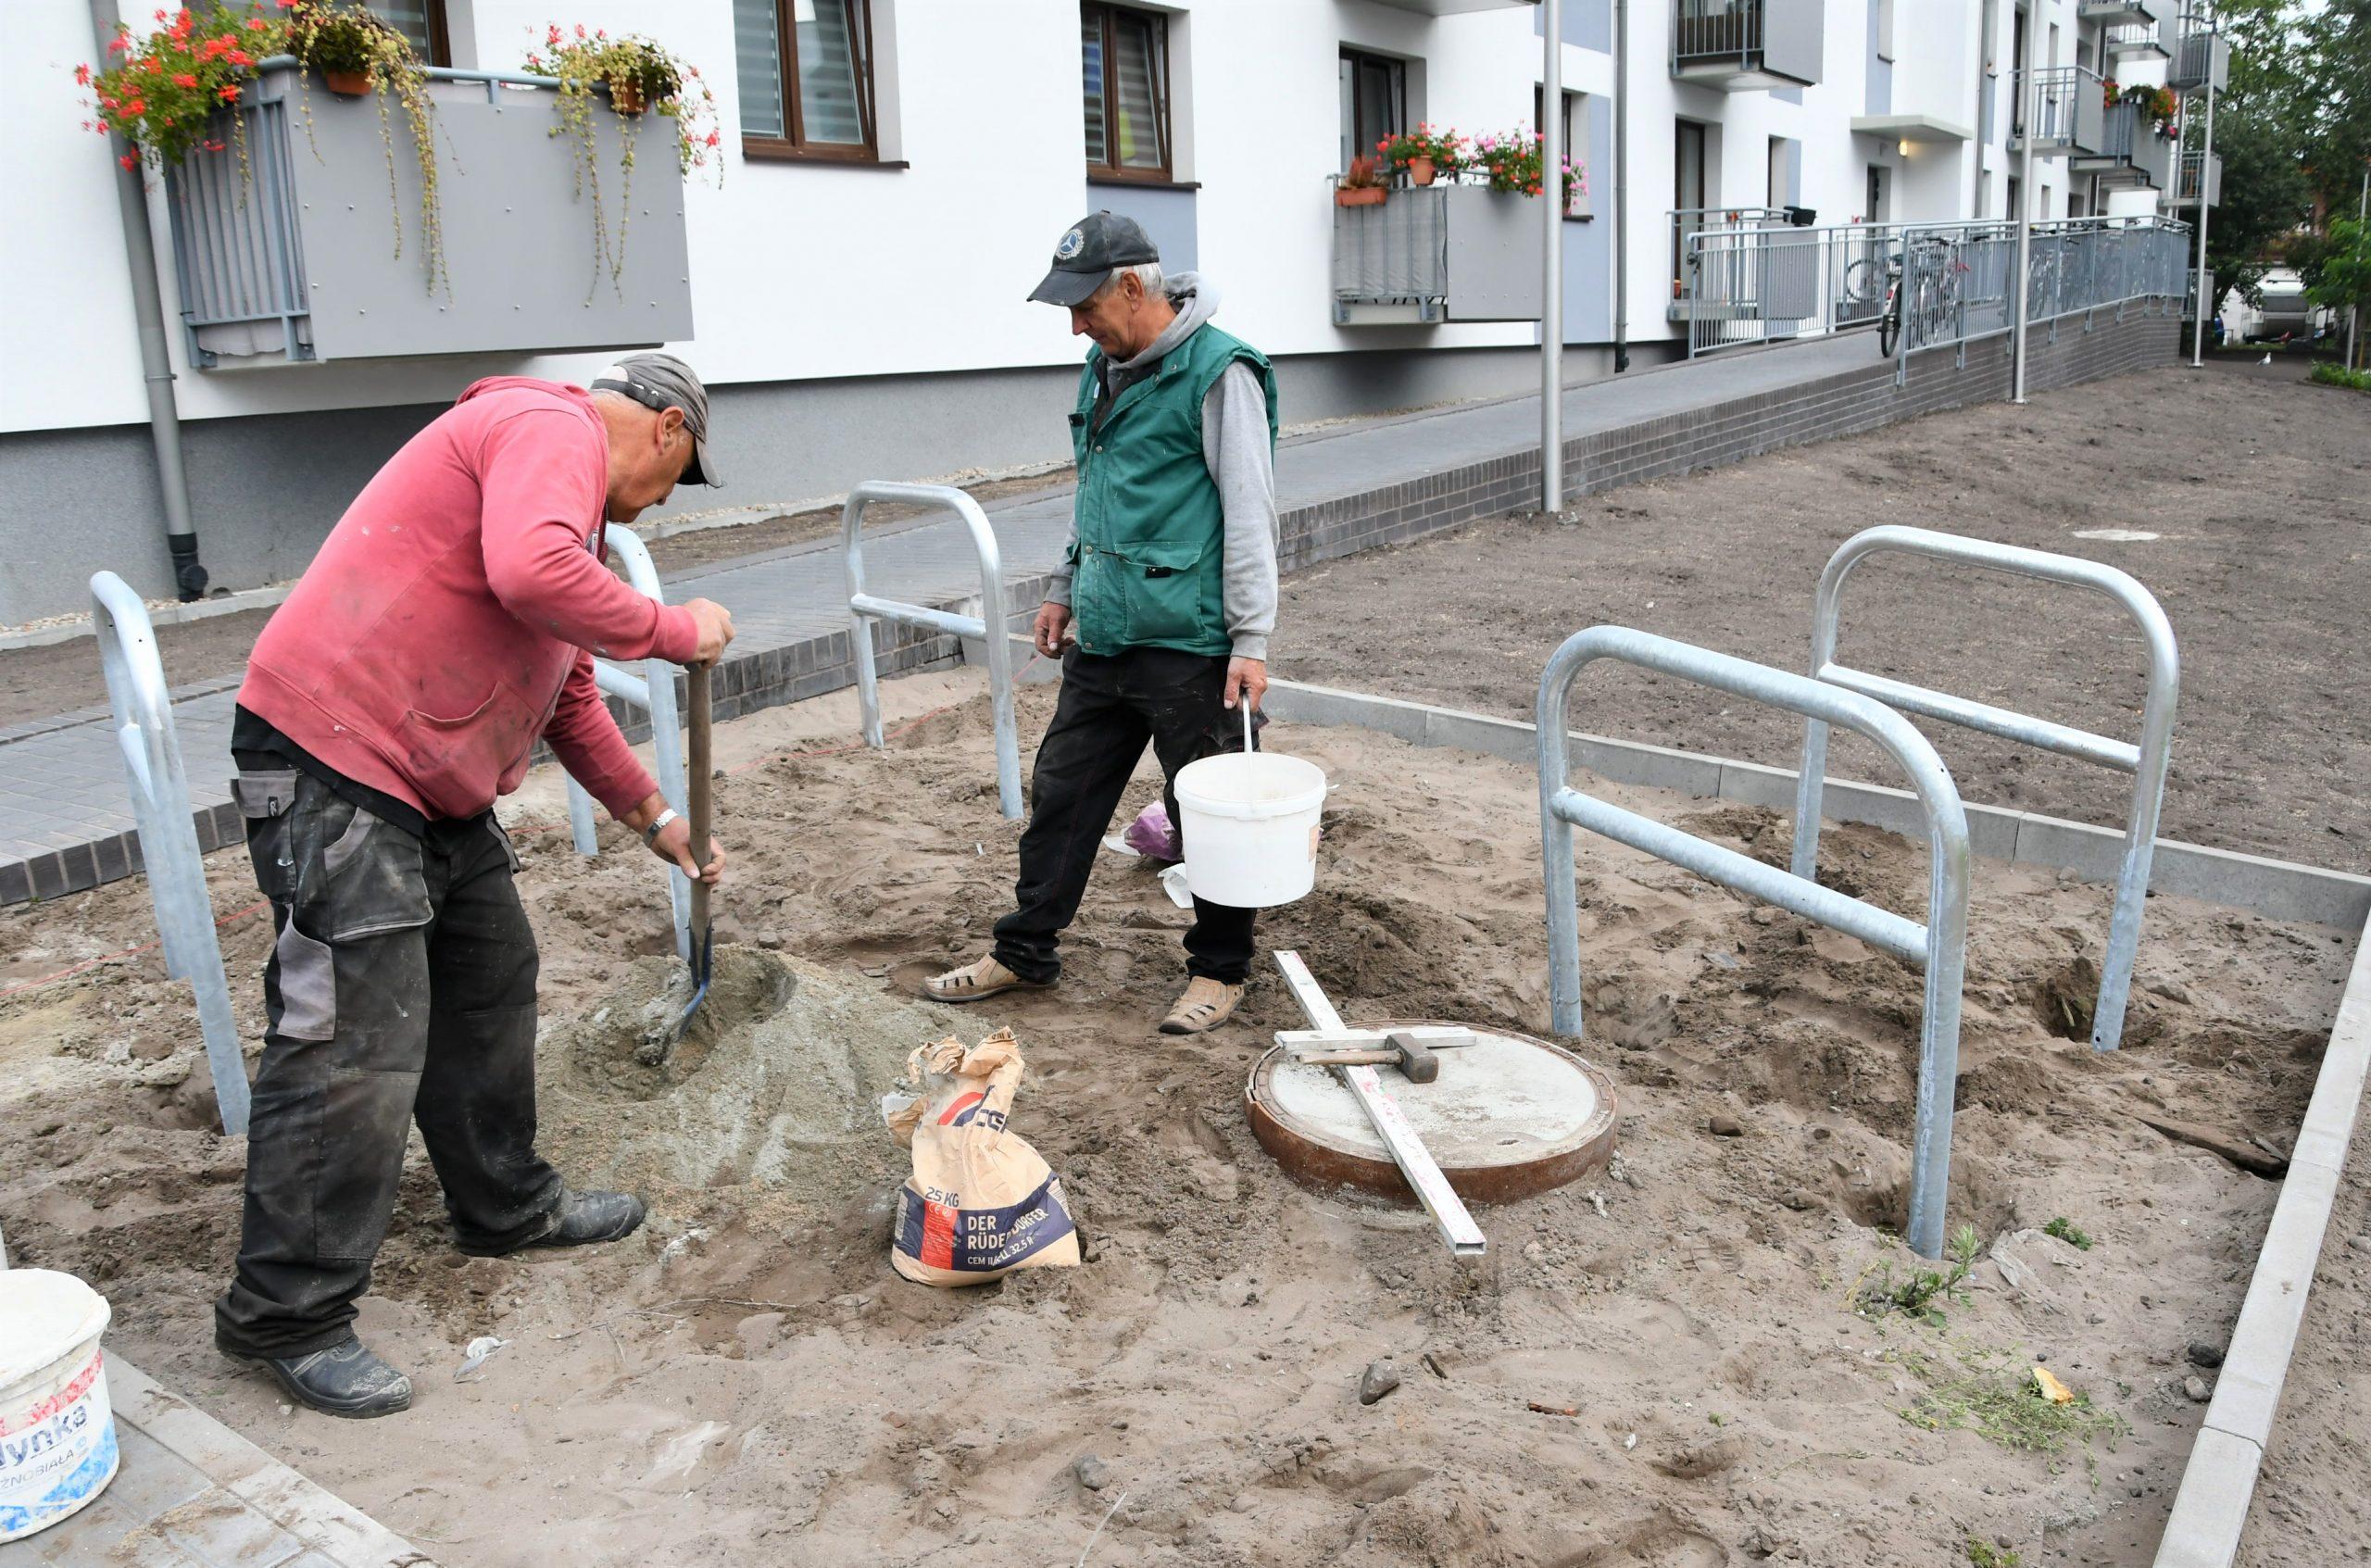 Świnoujście - Kolejnych 100 stojaków na rowery stanęło w naszym mieście